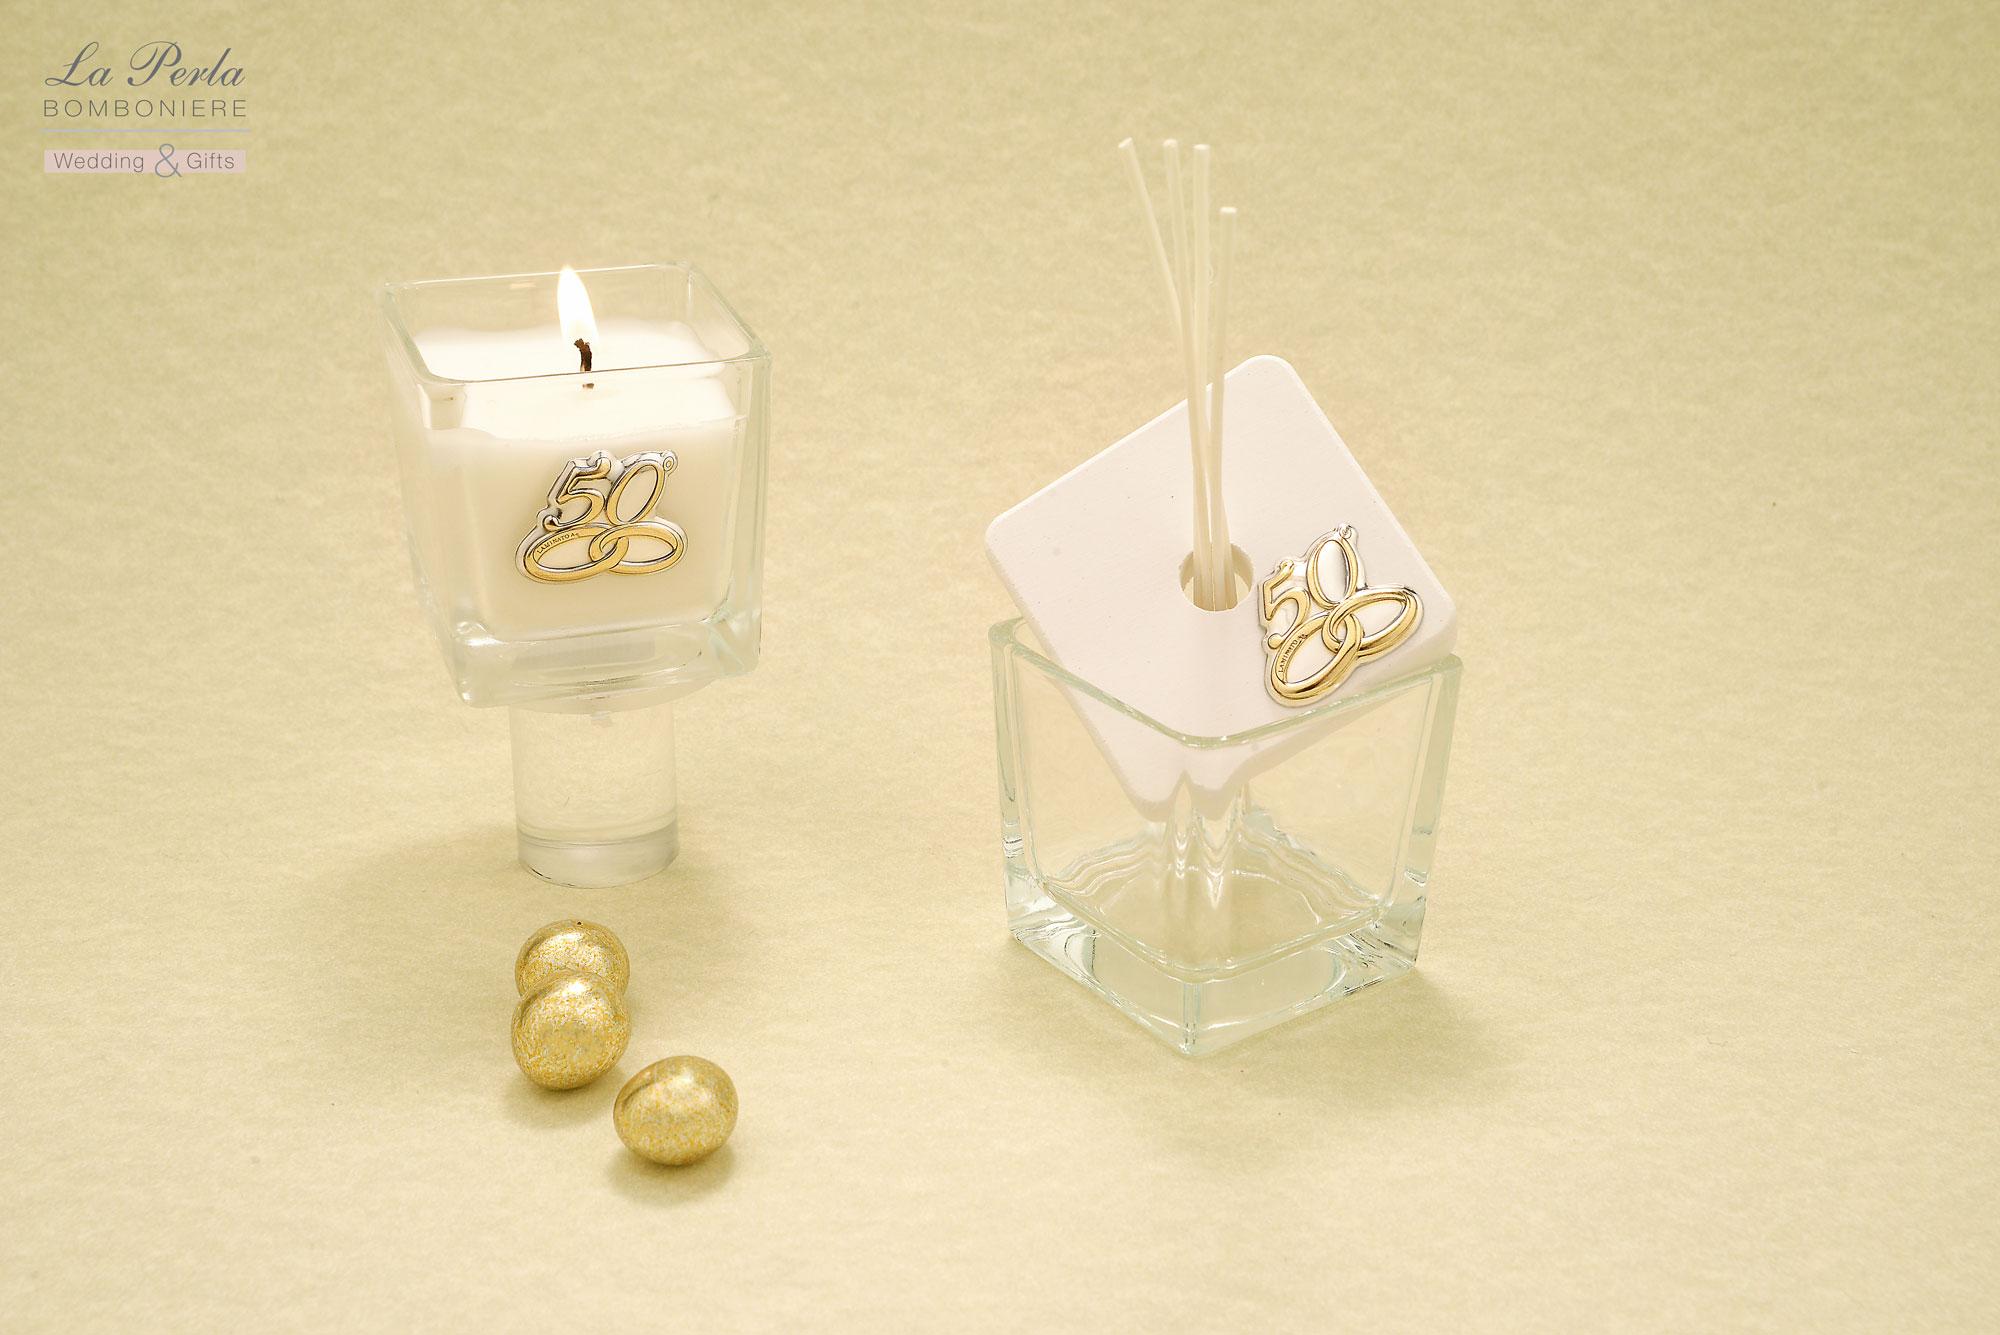 Profumatore in vetro con coperchio in gesso e Candelina profumata con targhetta personalizzata 50° in argento. Due complementi d'arredo simbolici e moderni al tempo stesso.